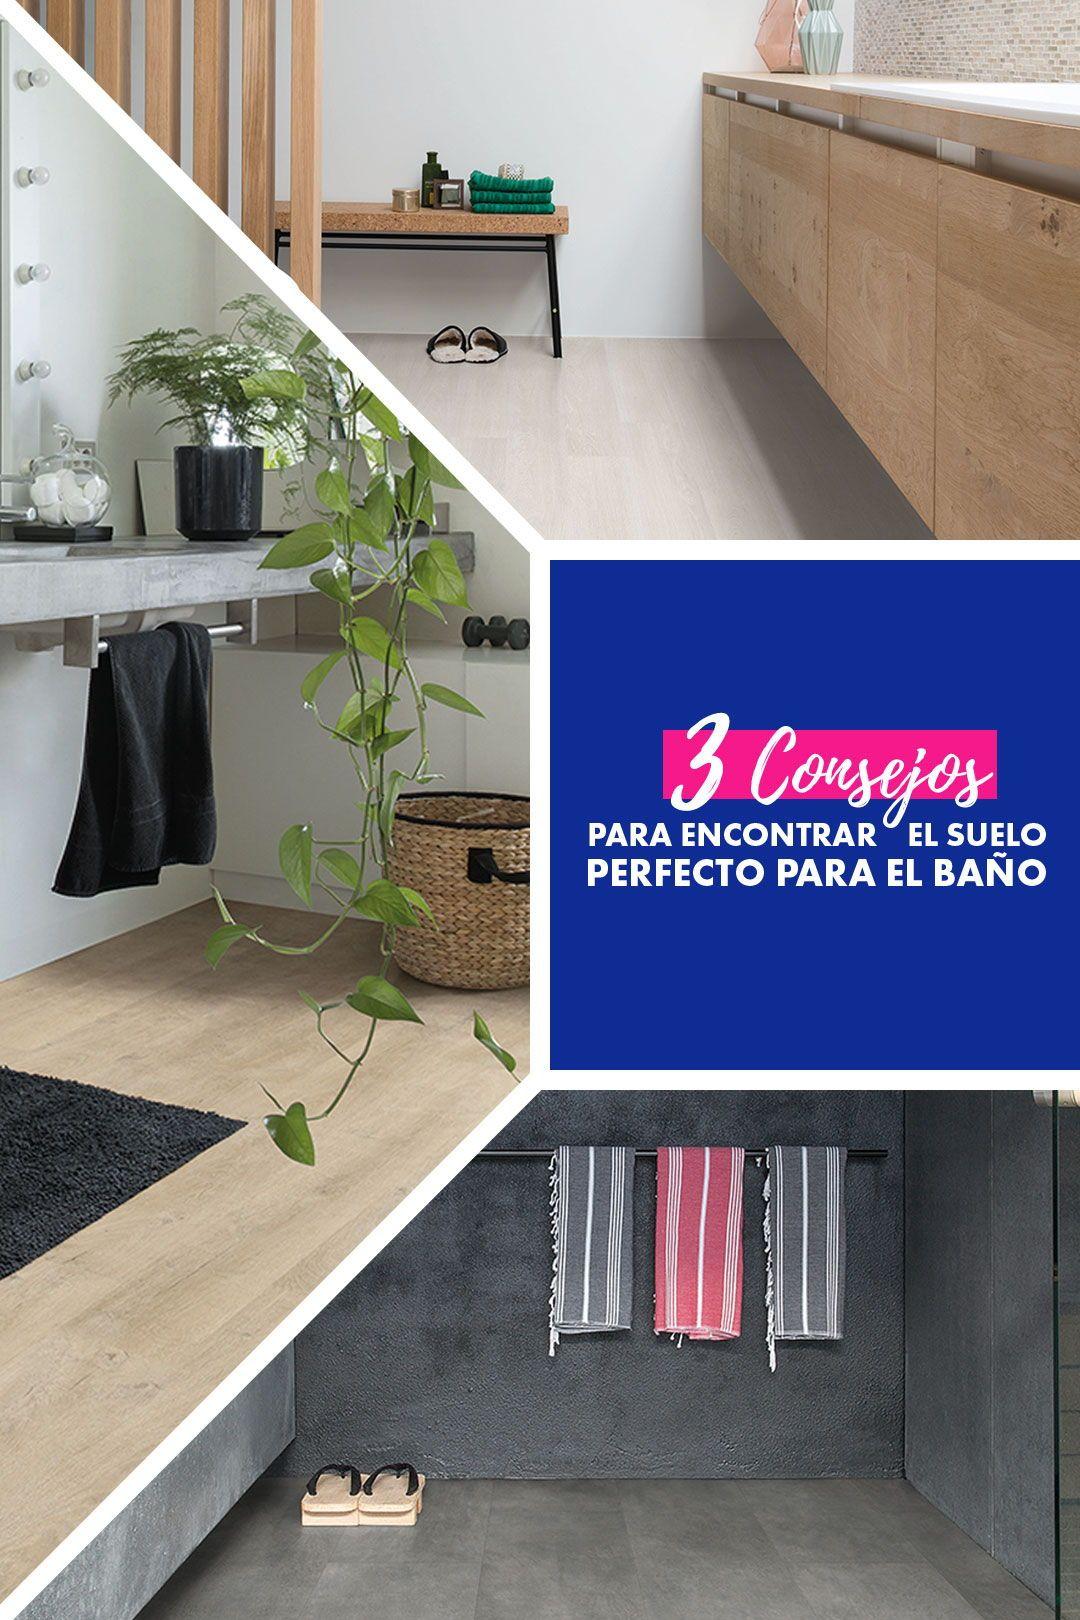 Elija el suelo para cuarto de baño ideal   Badkamer vloer ...